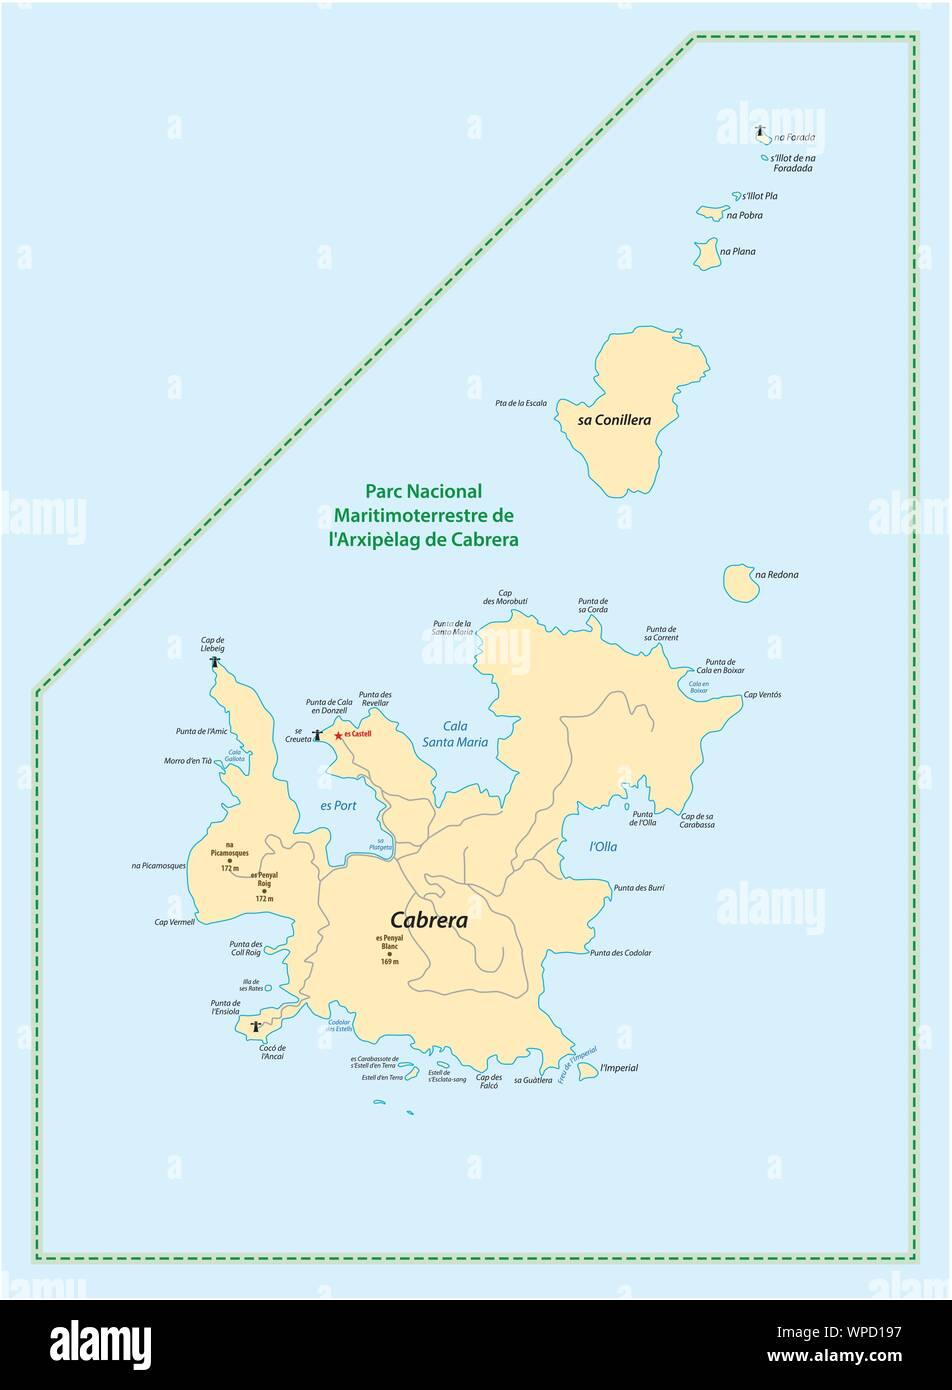 Isla De Cabrera Mapa.Mapa De Las Islas Baleares Espana Cabrera Ilustracion Del